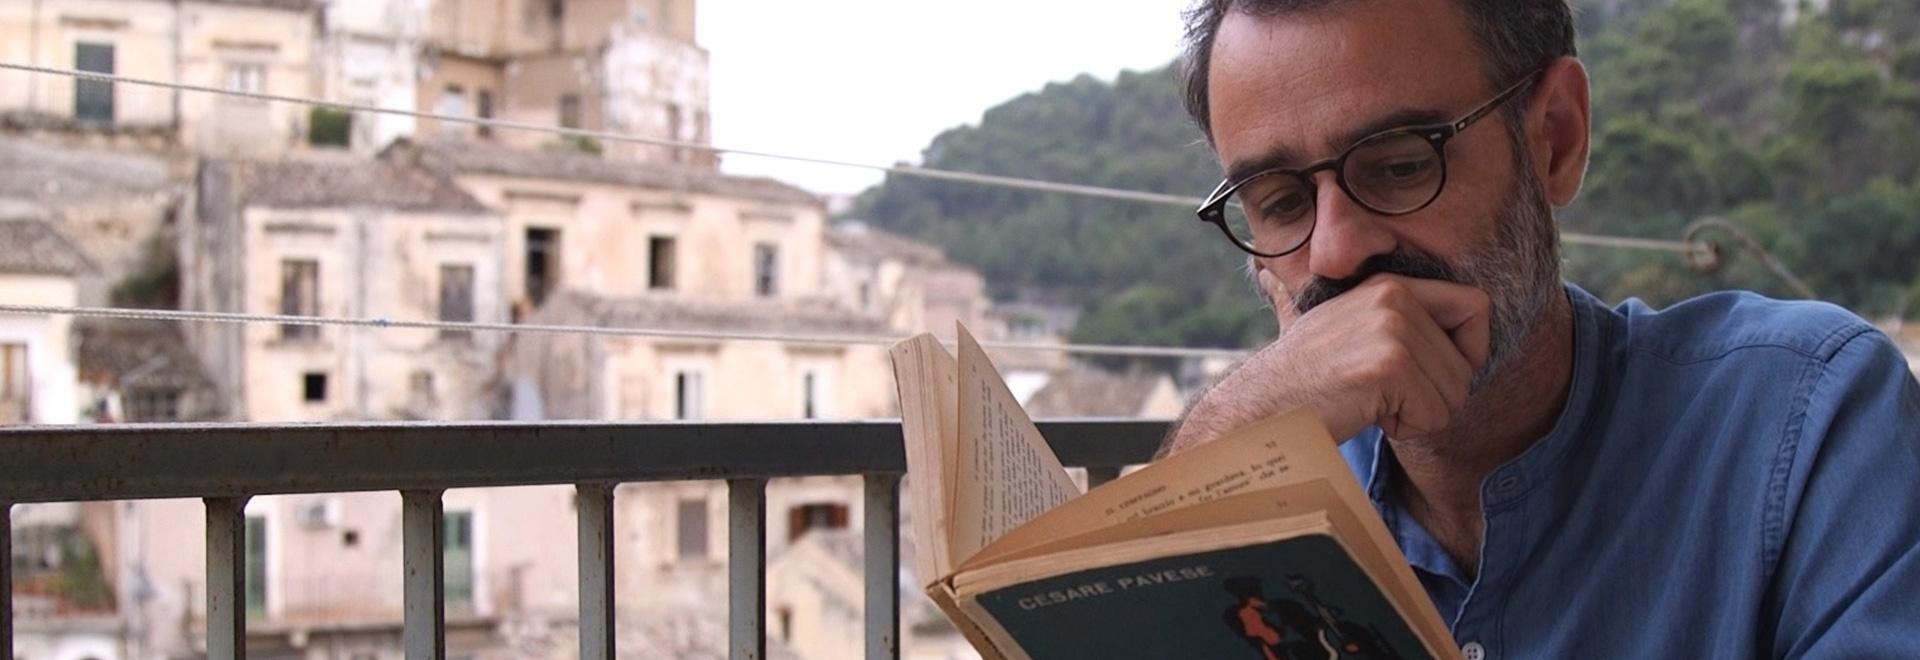 Lettori - I libri di una vita